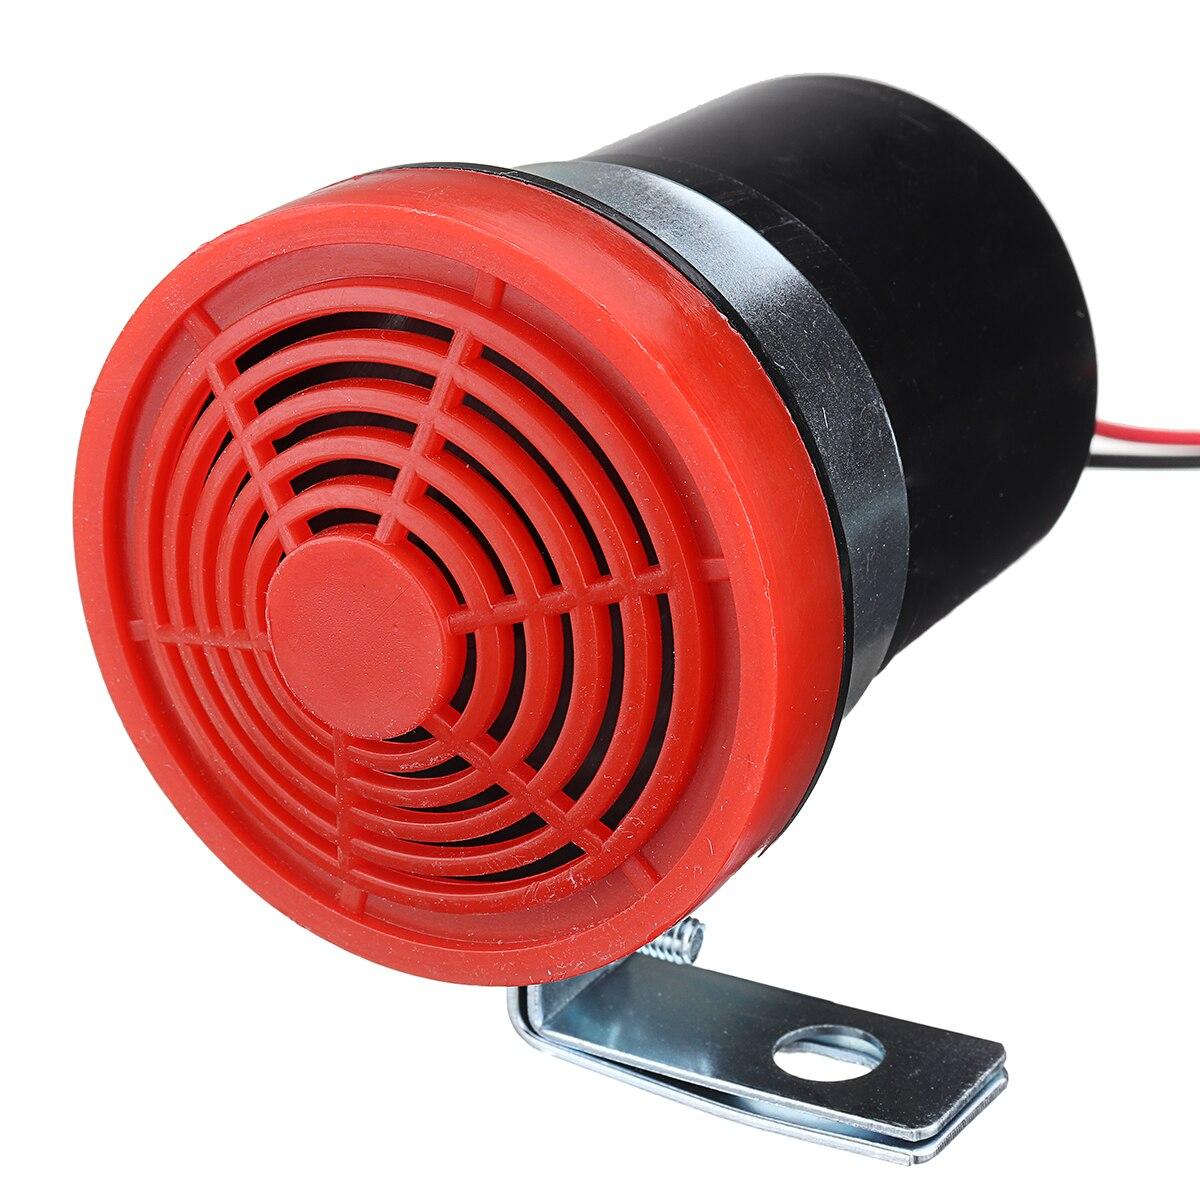 12V 24V Car Vehicle Reversing Horn Warning Speaker with Fixed Bracket 105DB 4Ω